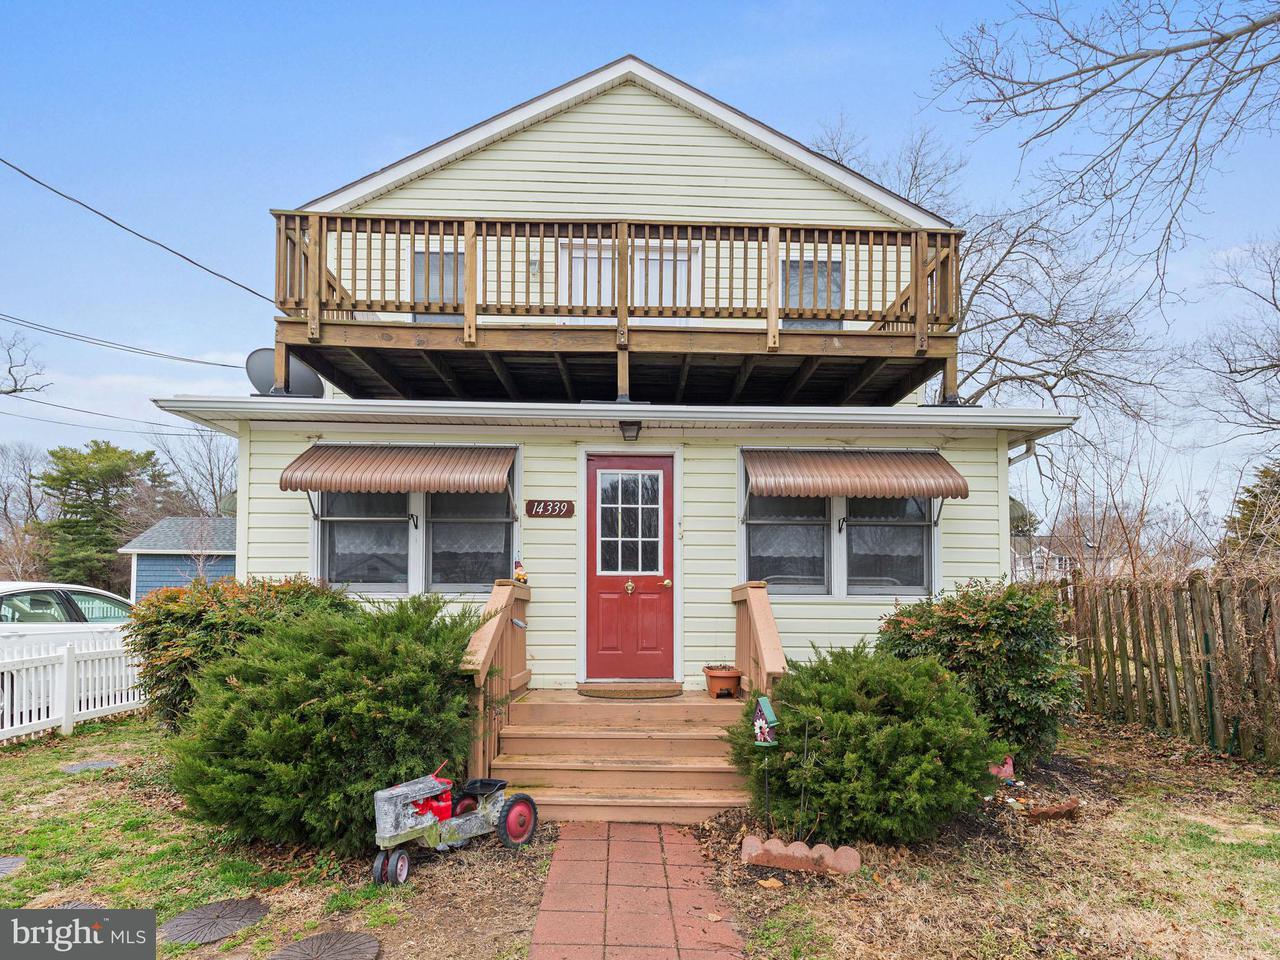 一戸建て のために 売買 アット 14339 Calvert Street 14339 Calvert Street Solomons, メリーランド 20688 アメリカ合衆国